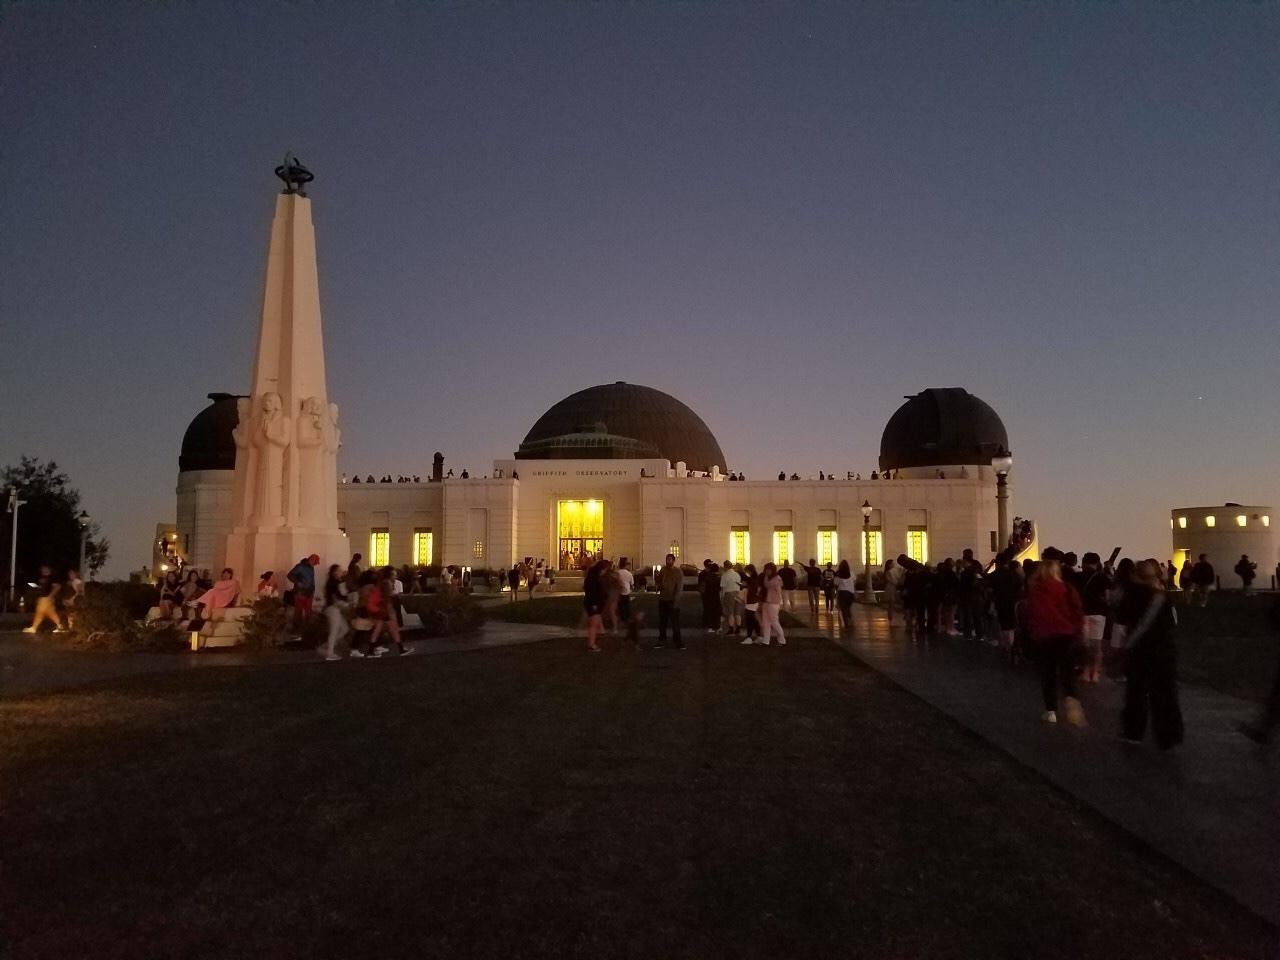 グリフィス天文台に行きたいけれど、ロサンゼルスの夜が怖かったため、このツアーに申し込みました。  スタッフの対応や時間など、悪いところは何も無く、ホテル送迎中の日本人ばかりの車内は安心して過ごすことができました。 ただ、正直自分でも普通に行けたかなとは思うので☆4です。  USHもグリフィス天文台もUberやLiftで来ている人は多かったです。 グリフィス天文台もスリなどは気にしていましたが、治安が悪い印象は無かったです。